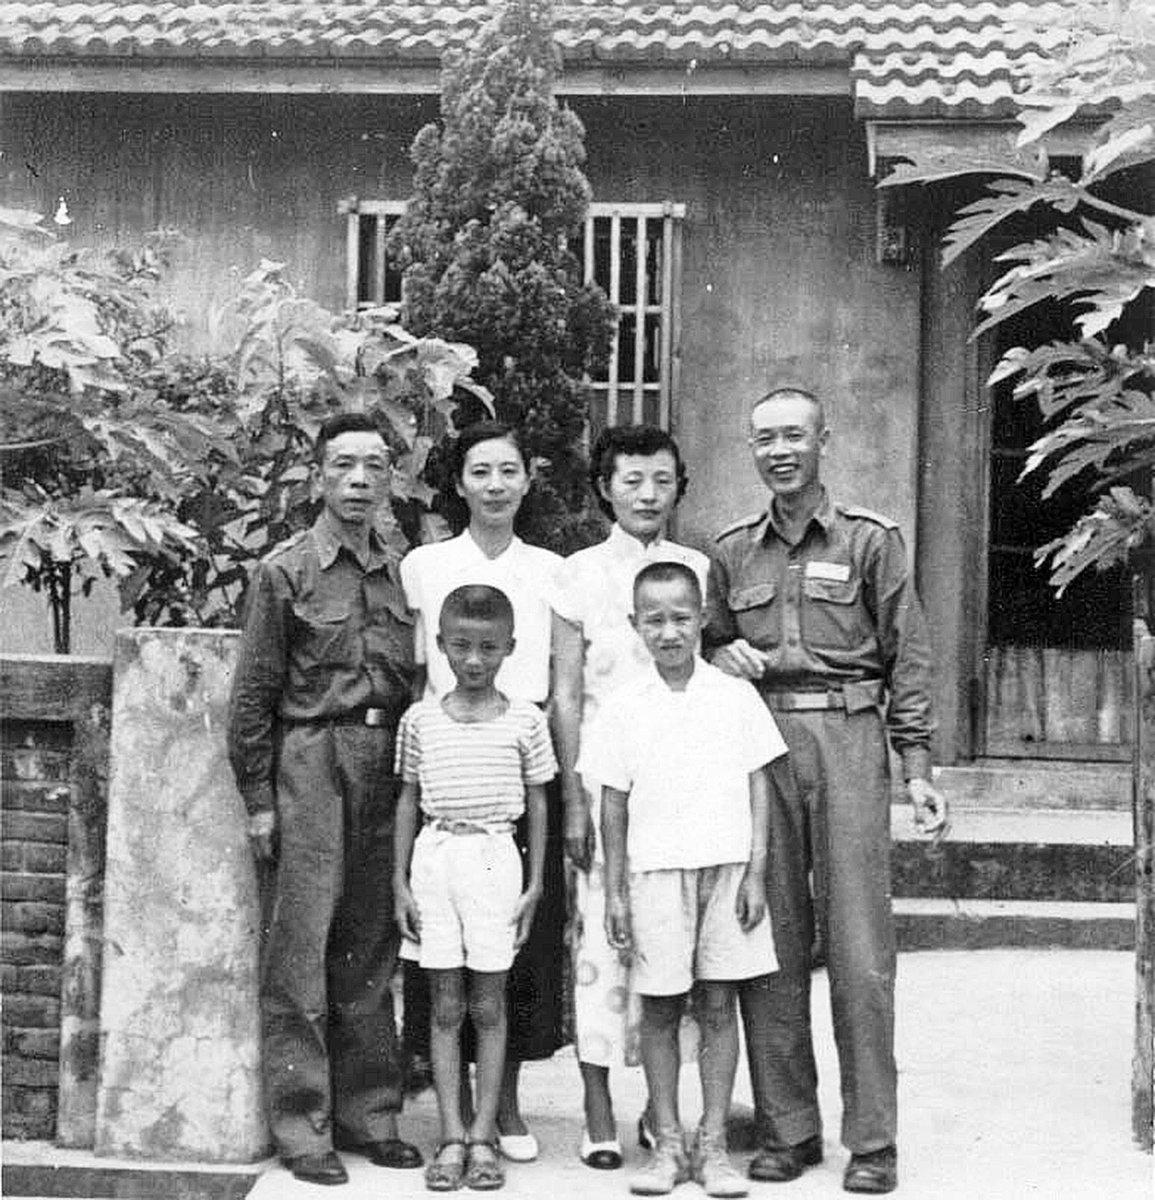 這是一九五三年我們一家四口在鳳山誠正新村(日後改名為黃埔新村)的眷舍前與林豐炳將軍夫婦(右一、二)合影留念。當時林將軍任第十一師的師長,我父親則在步兵學校任教育長(作者提供)